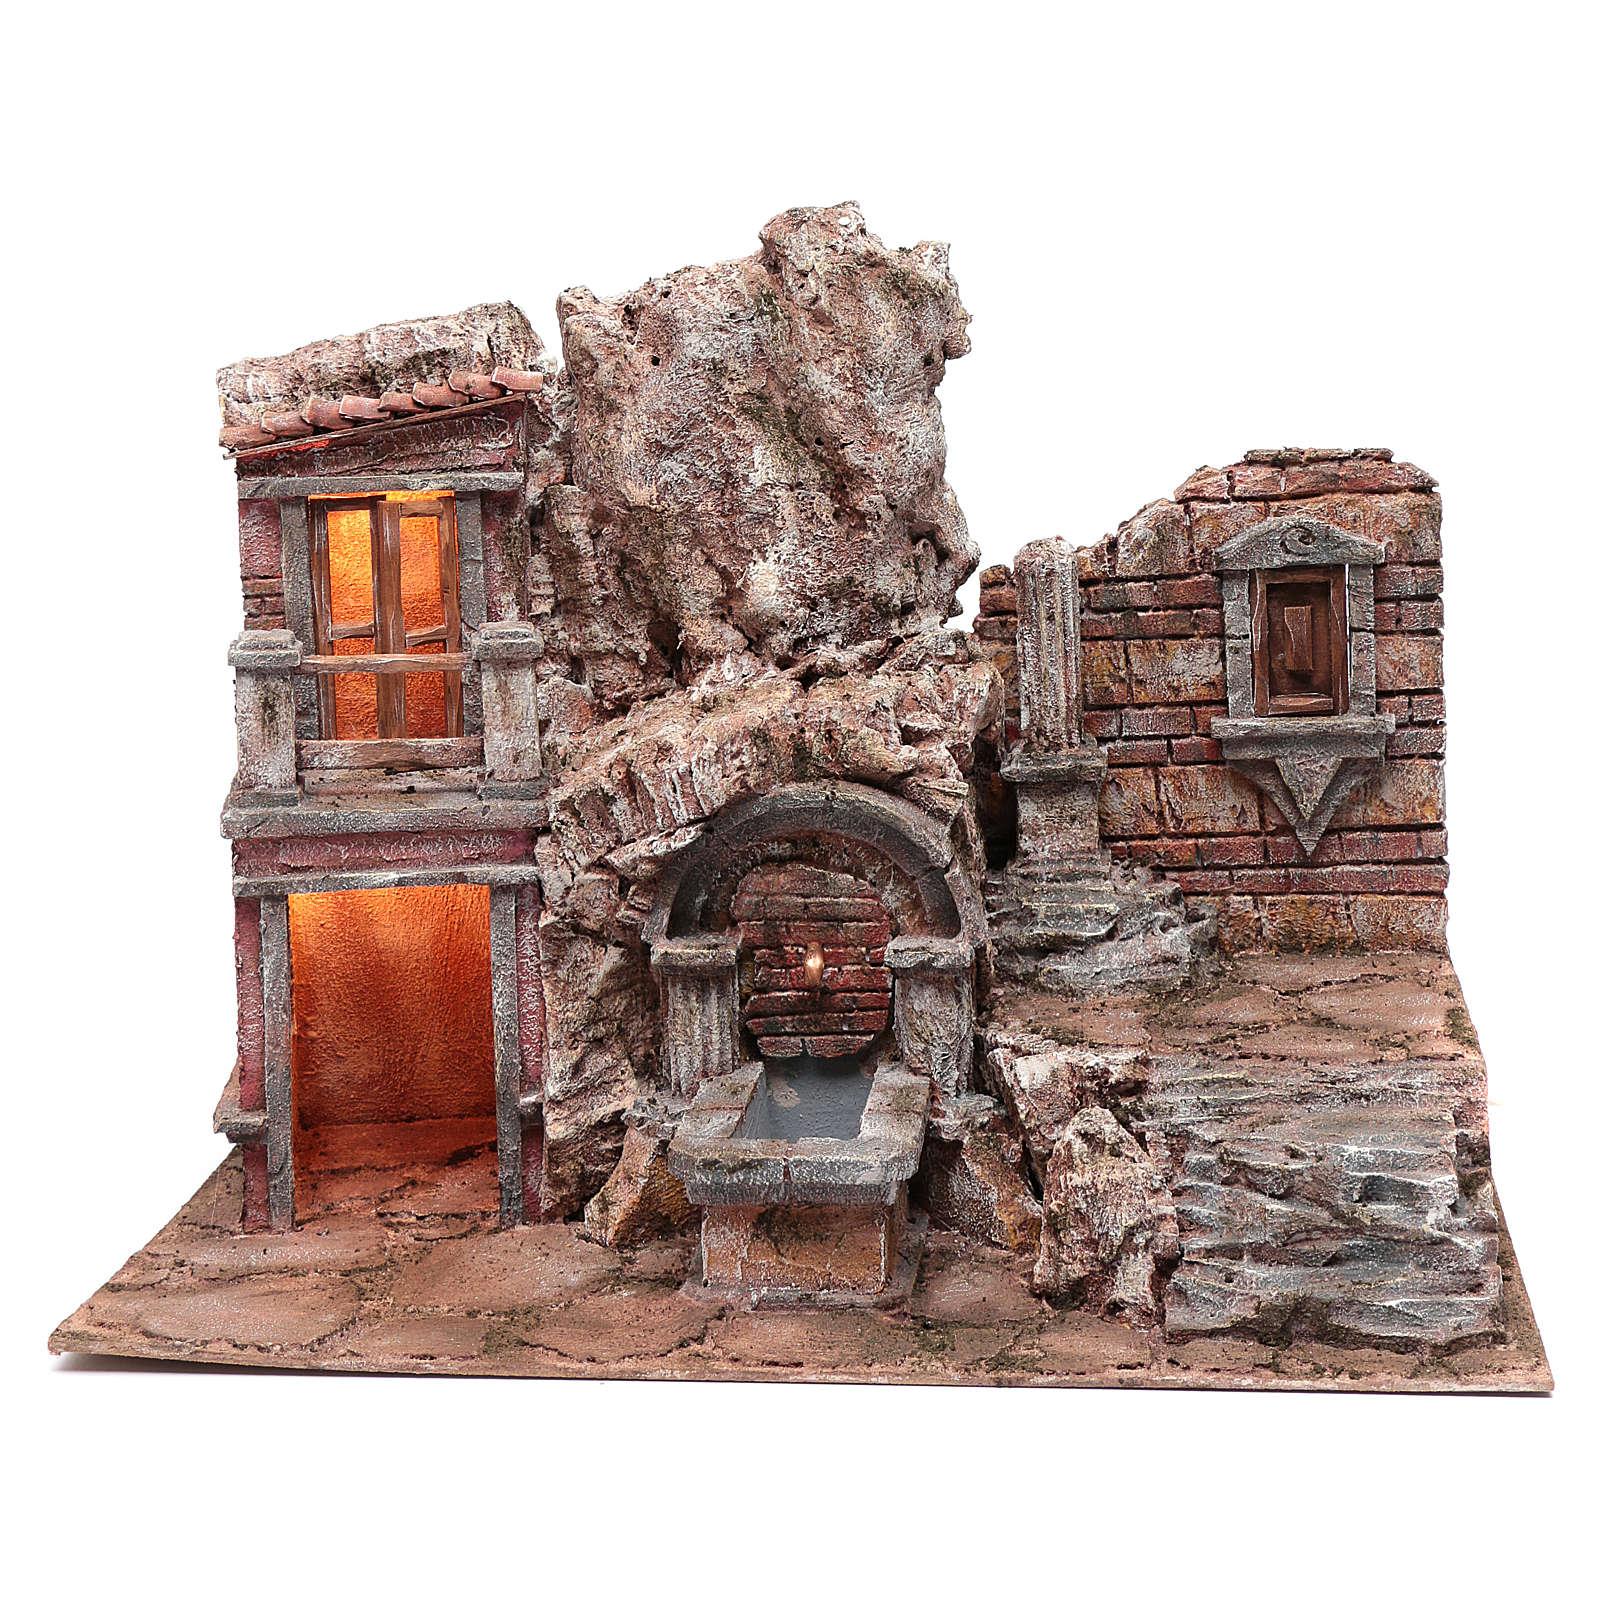 Grotte crèche éclairée avec fontaine et escalier 35x50x30 cm 4